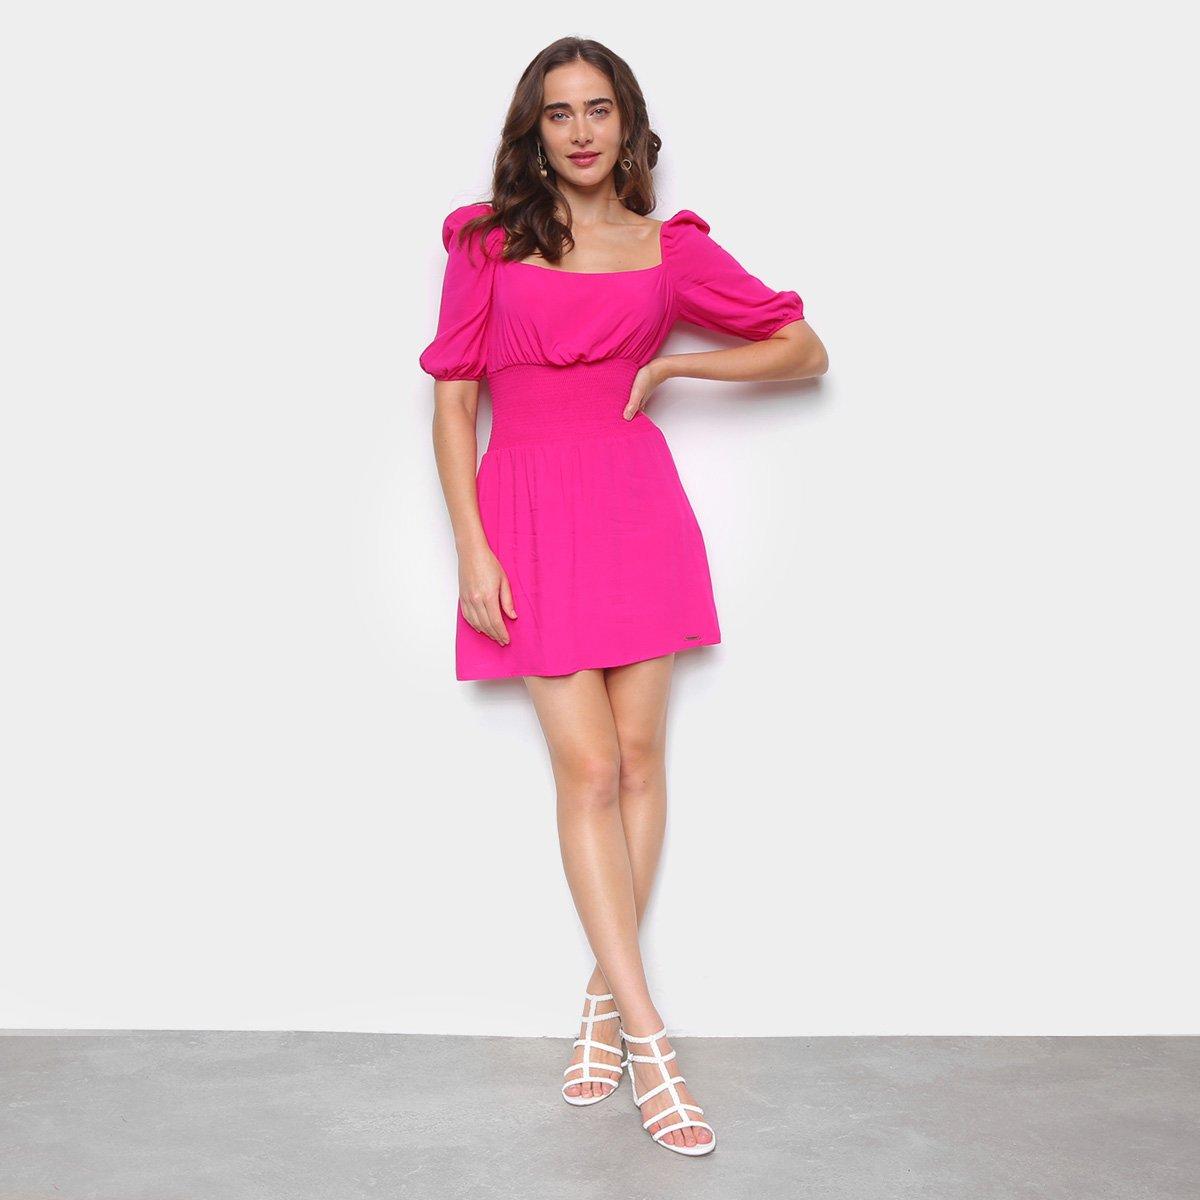 1612584553 702 echa un vistazo a las opciones para comprar y 30 - 40 modelos de vestidos rosas para un look que no pasa desapercibido